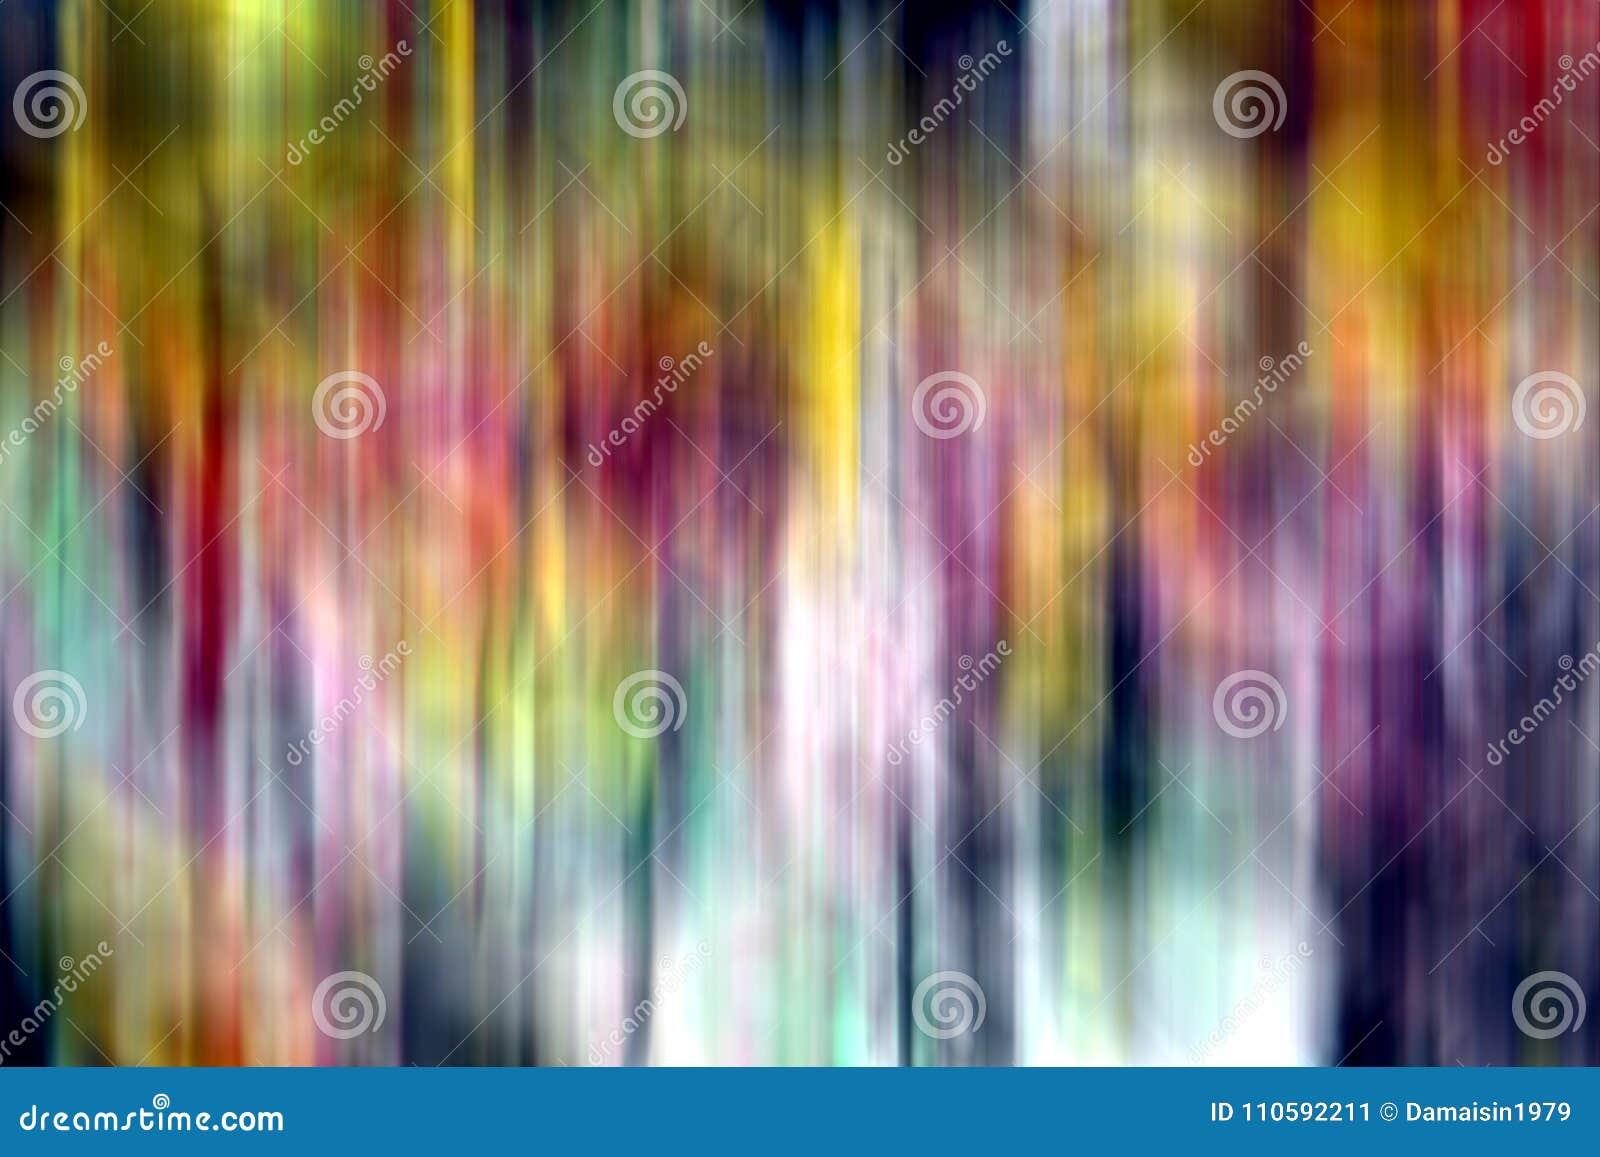 Färgrik mjuk textur, toner, skuggor på livlig abstrakt bakgrund